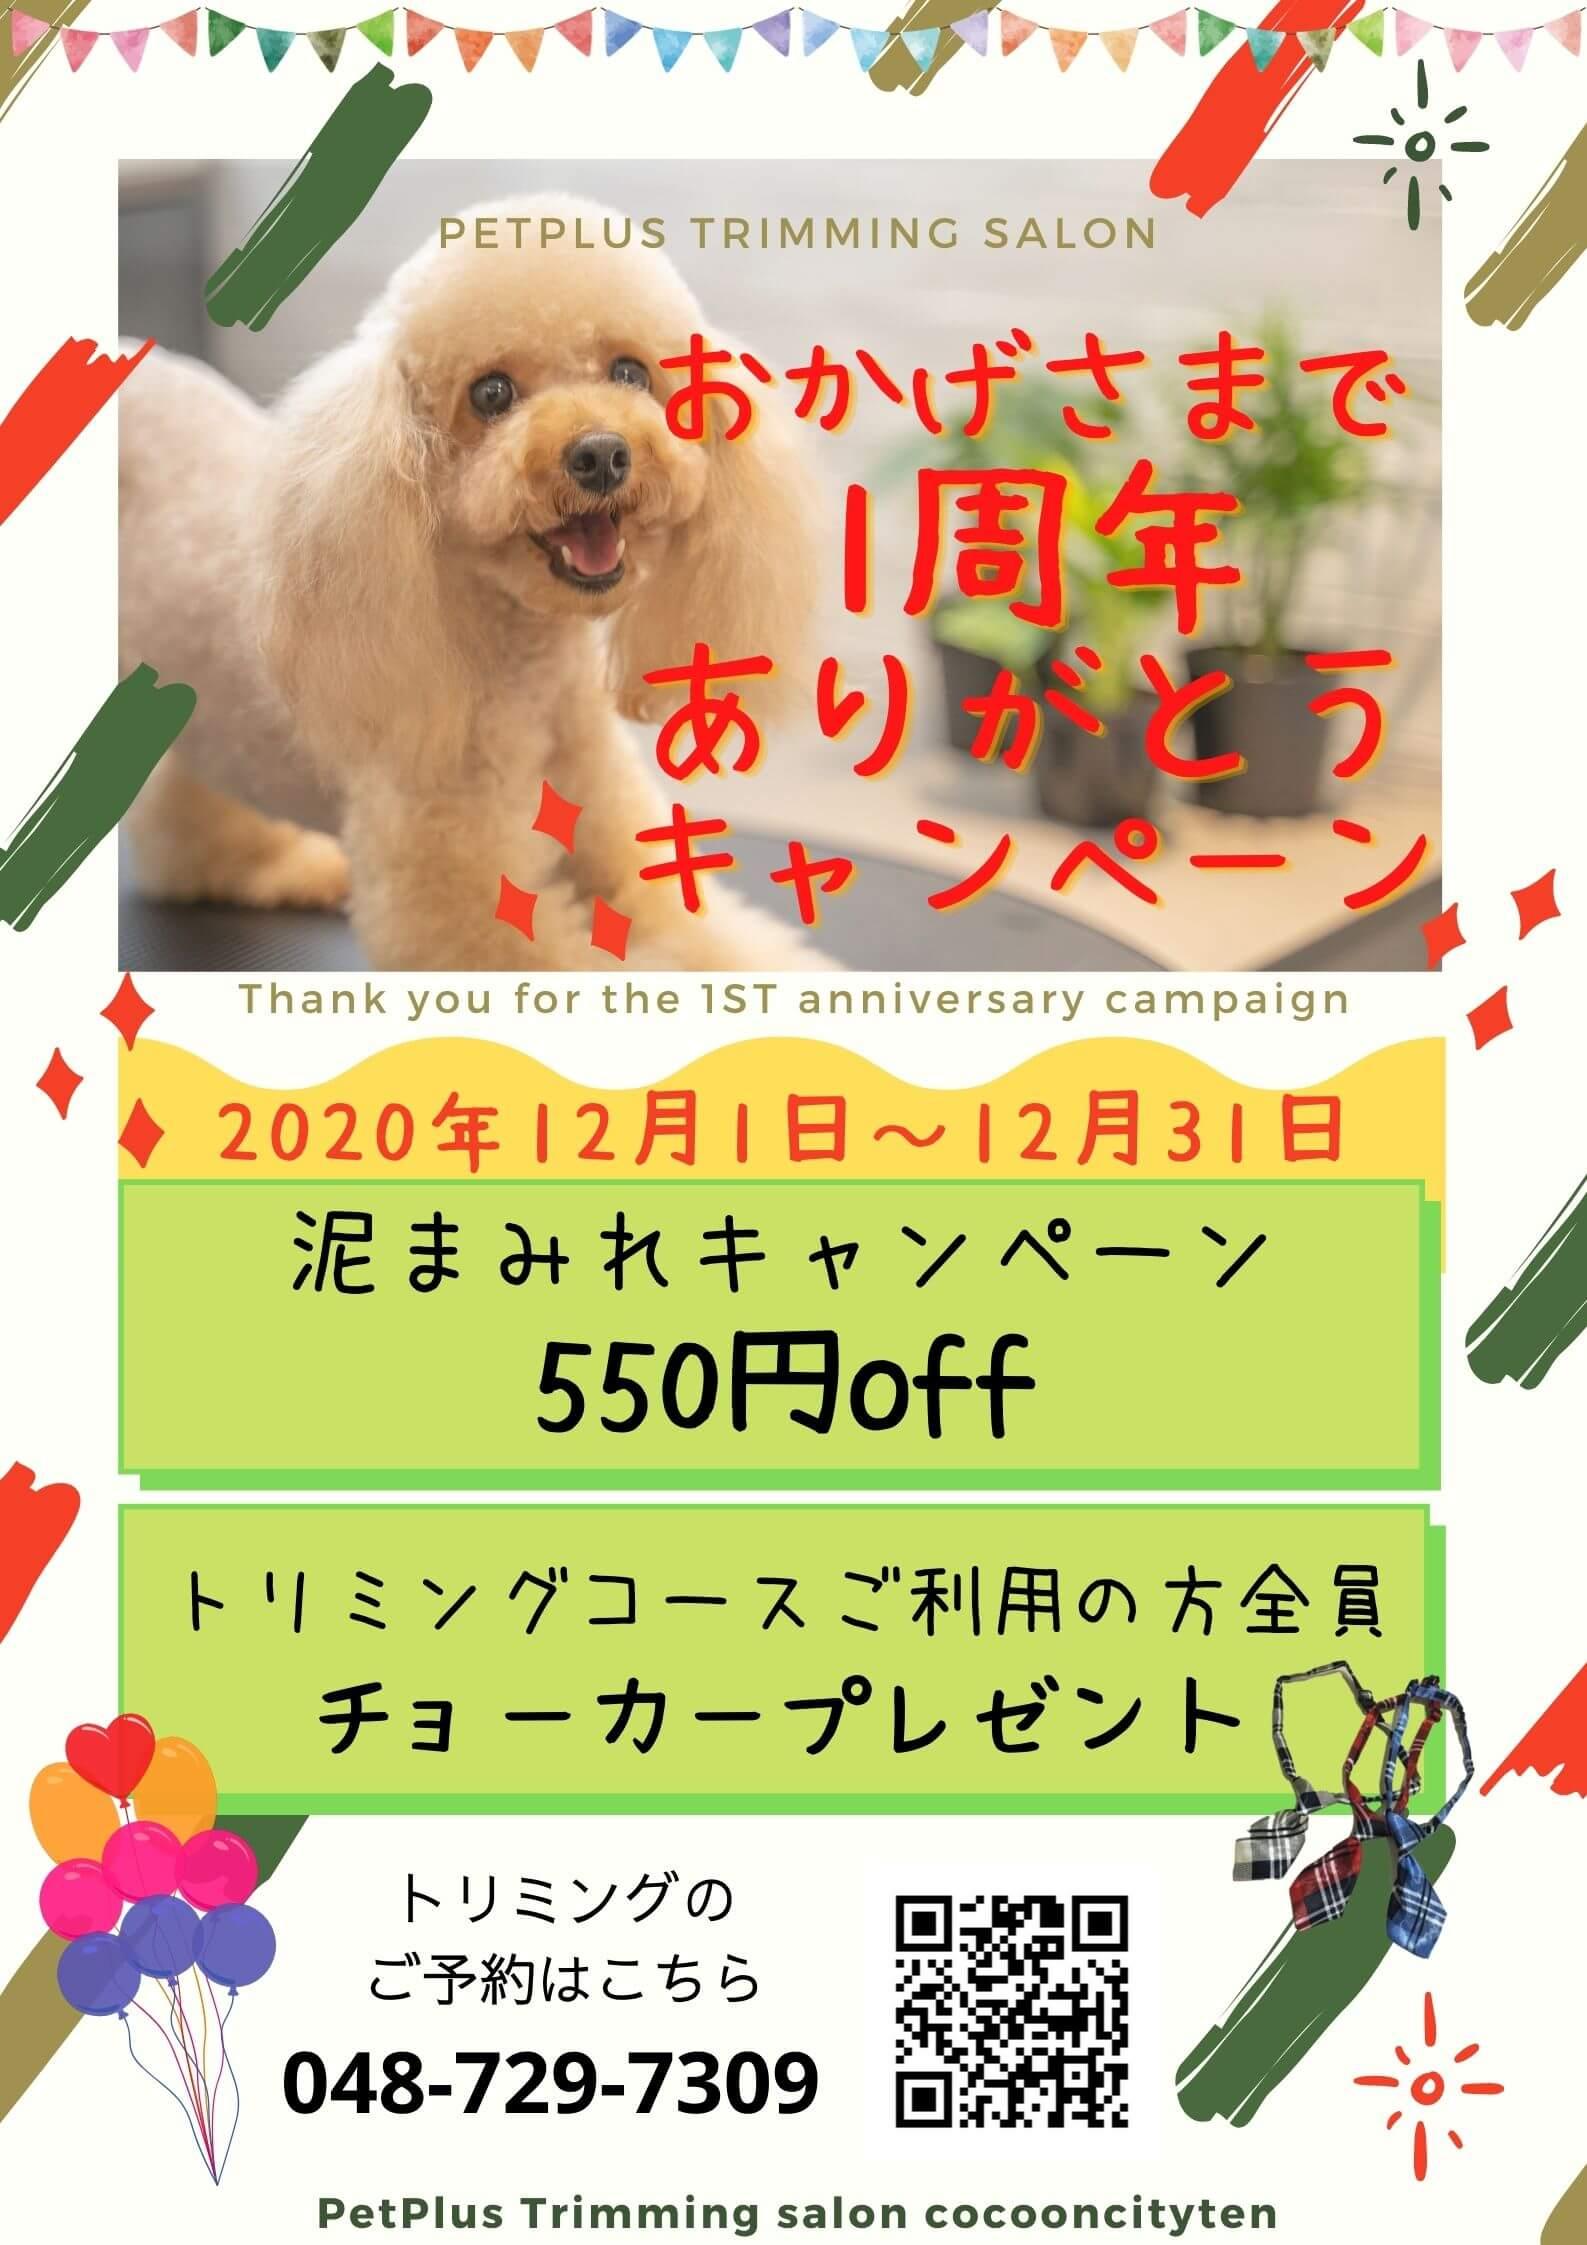 12月1日~31日開催 コクーンシティ店 1周年 記念キャンペーン